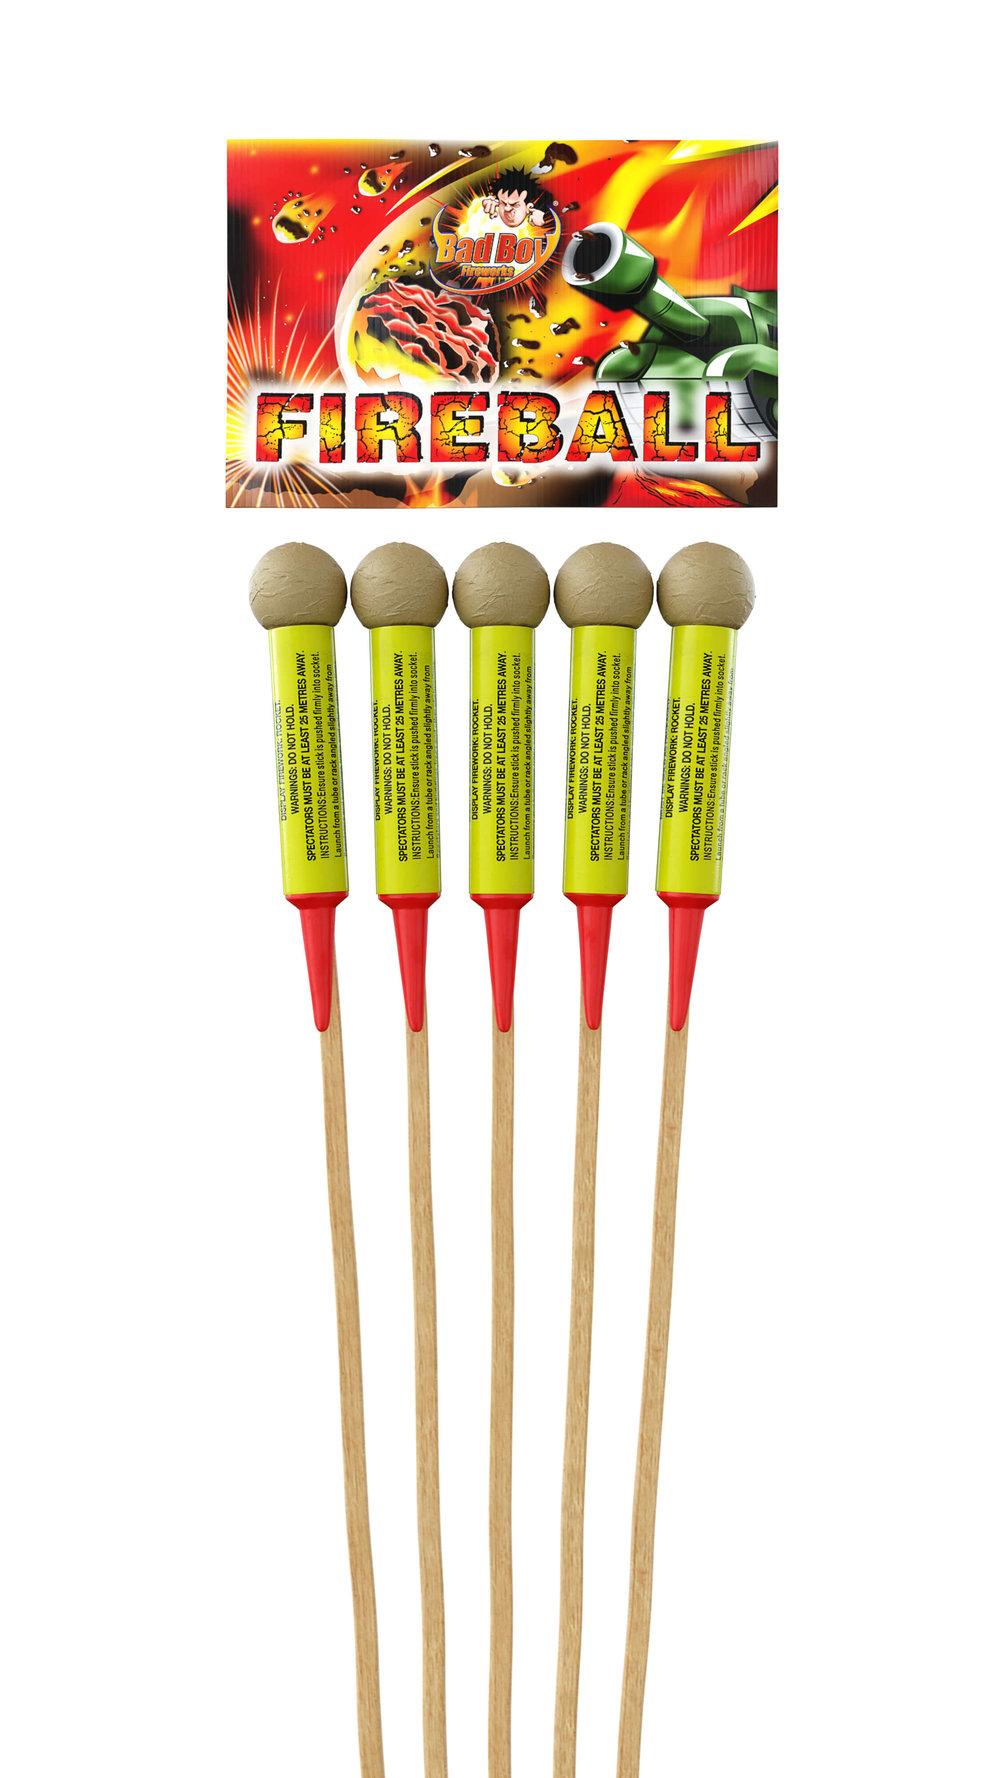 Fireball Rockets 5Pk - RRP £39.99